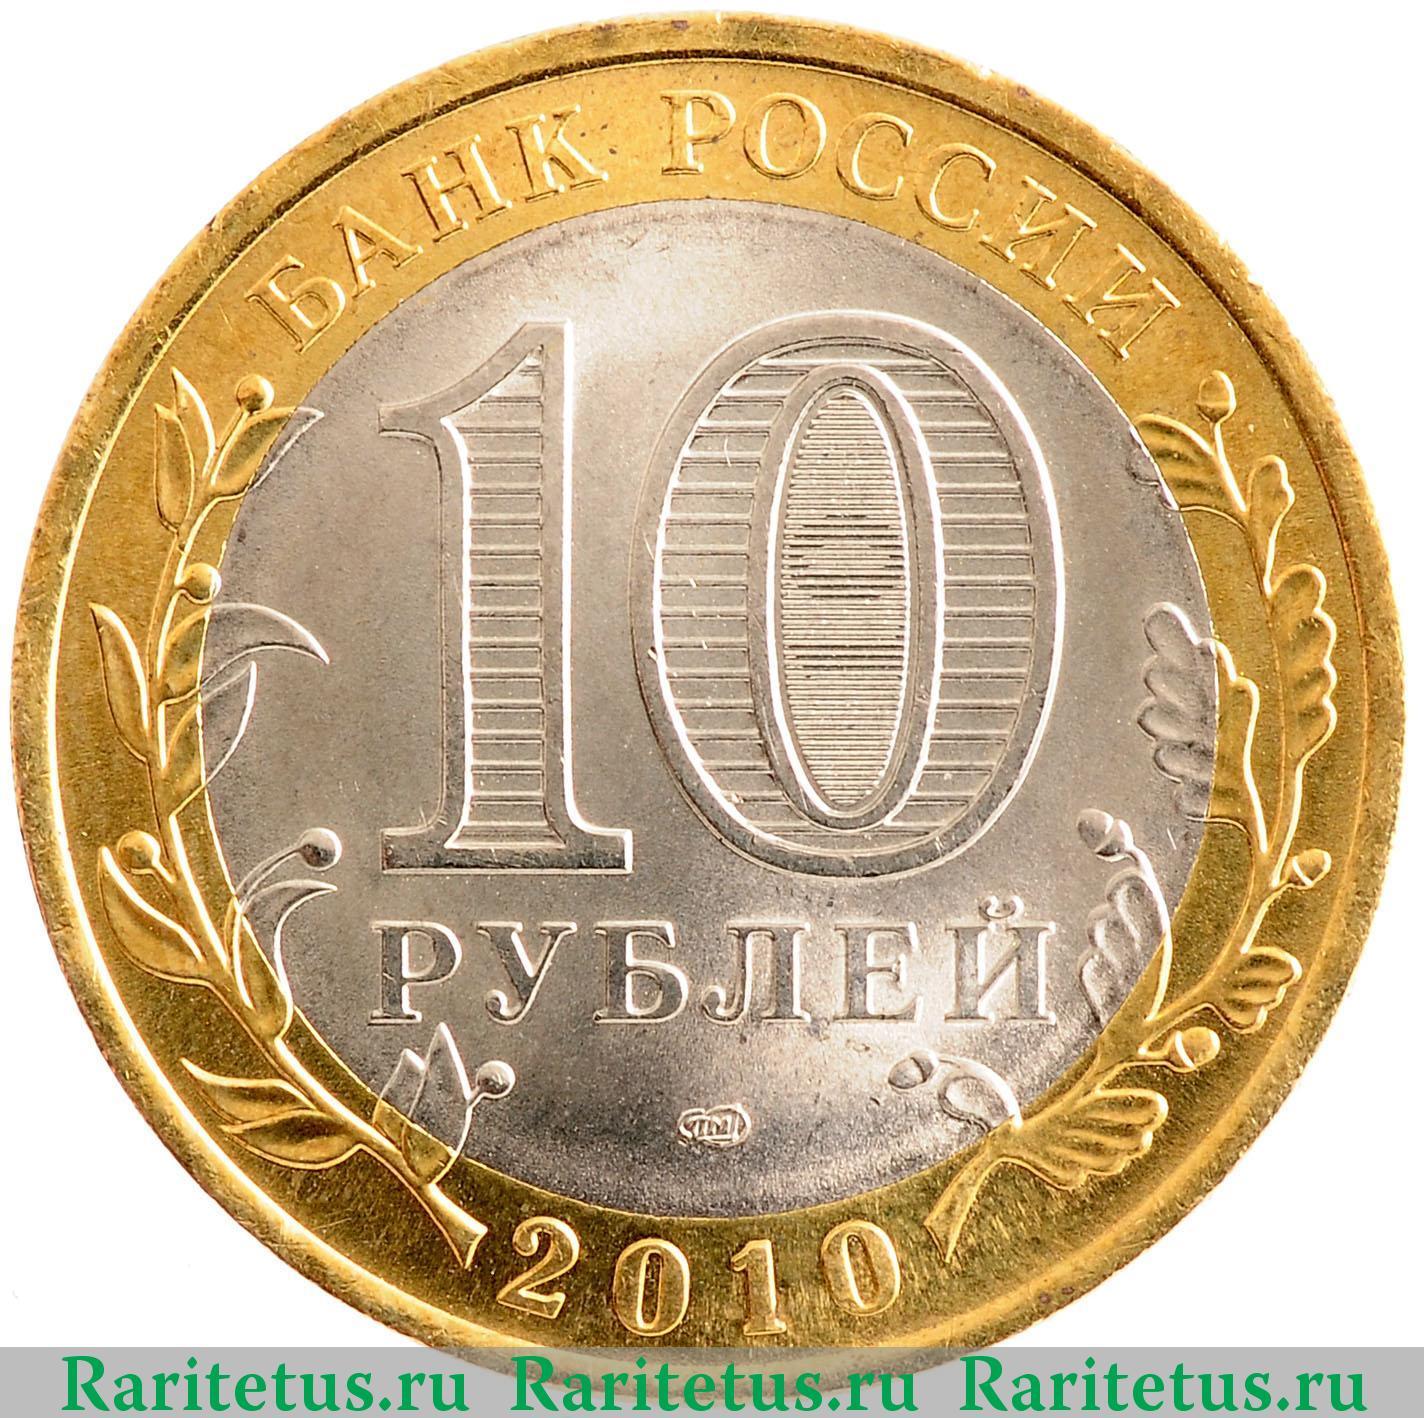 Стоимость монеты 10 рублей грозный монеты 2017 описание